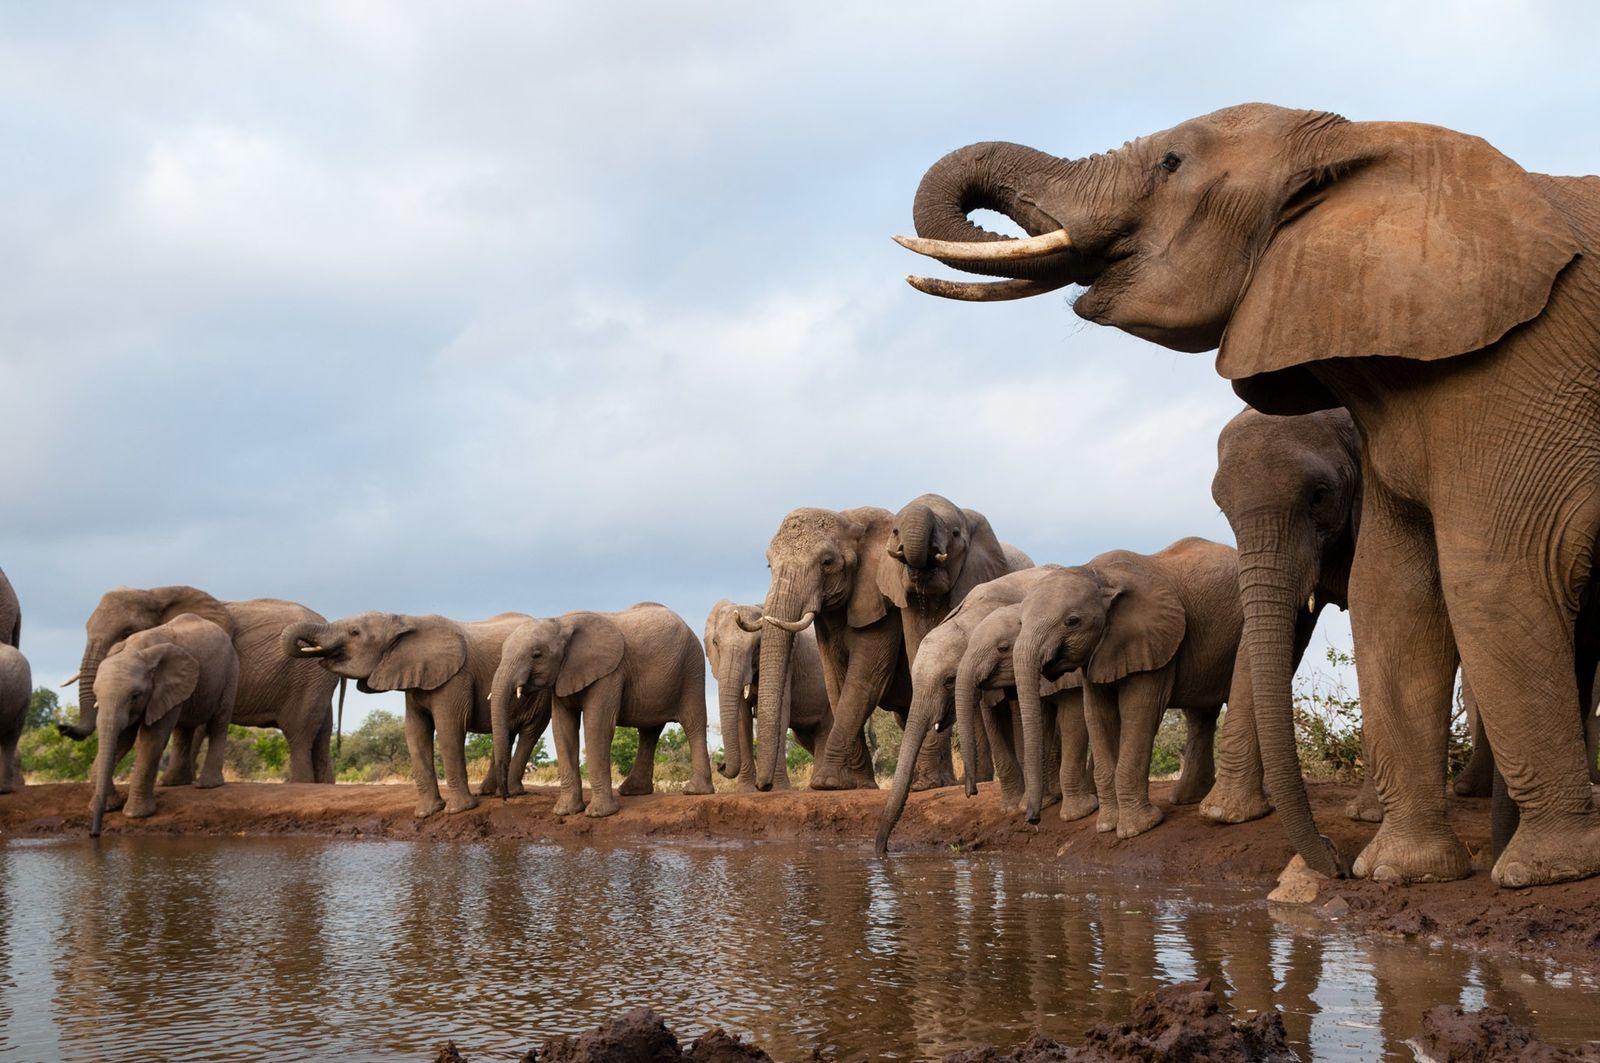 Un mystérieux mal tue les éléphants du Botswana par centaines